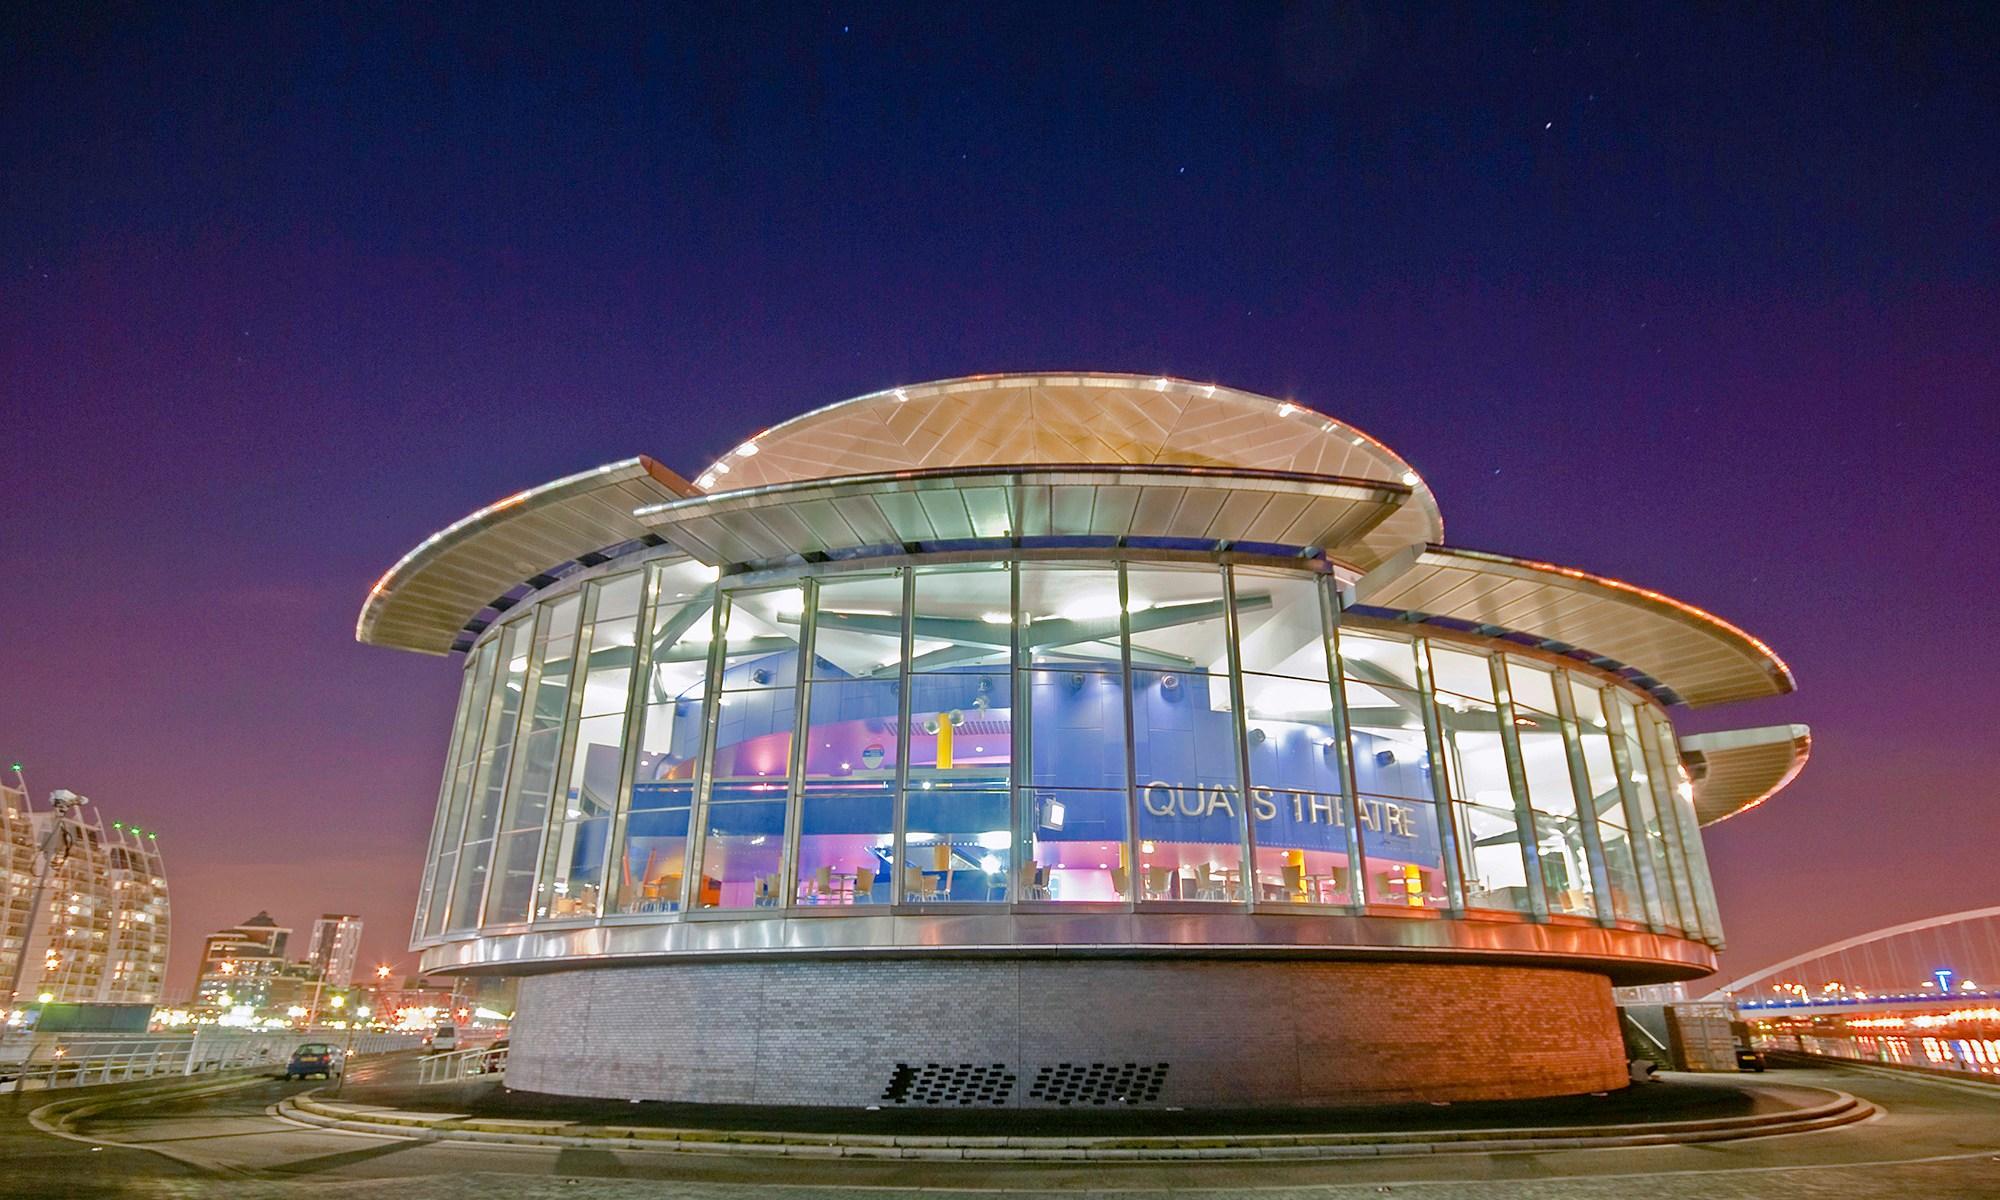 Quays Theatre at Night, Salford Quays